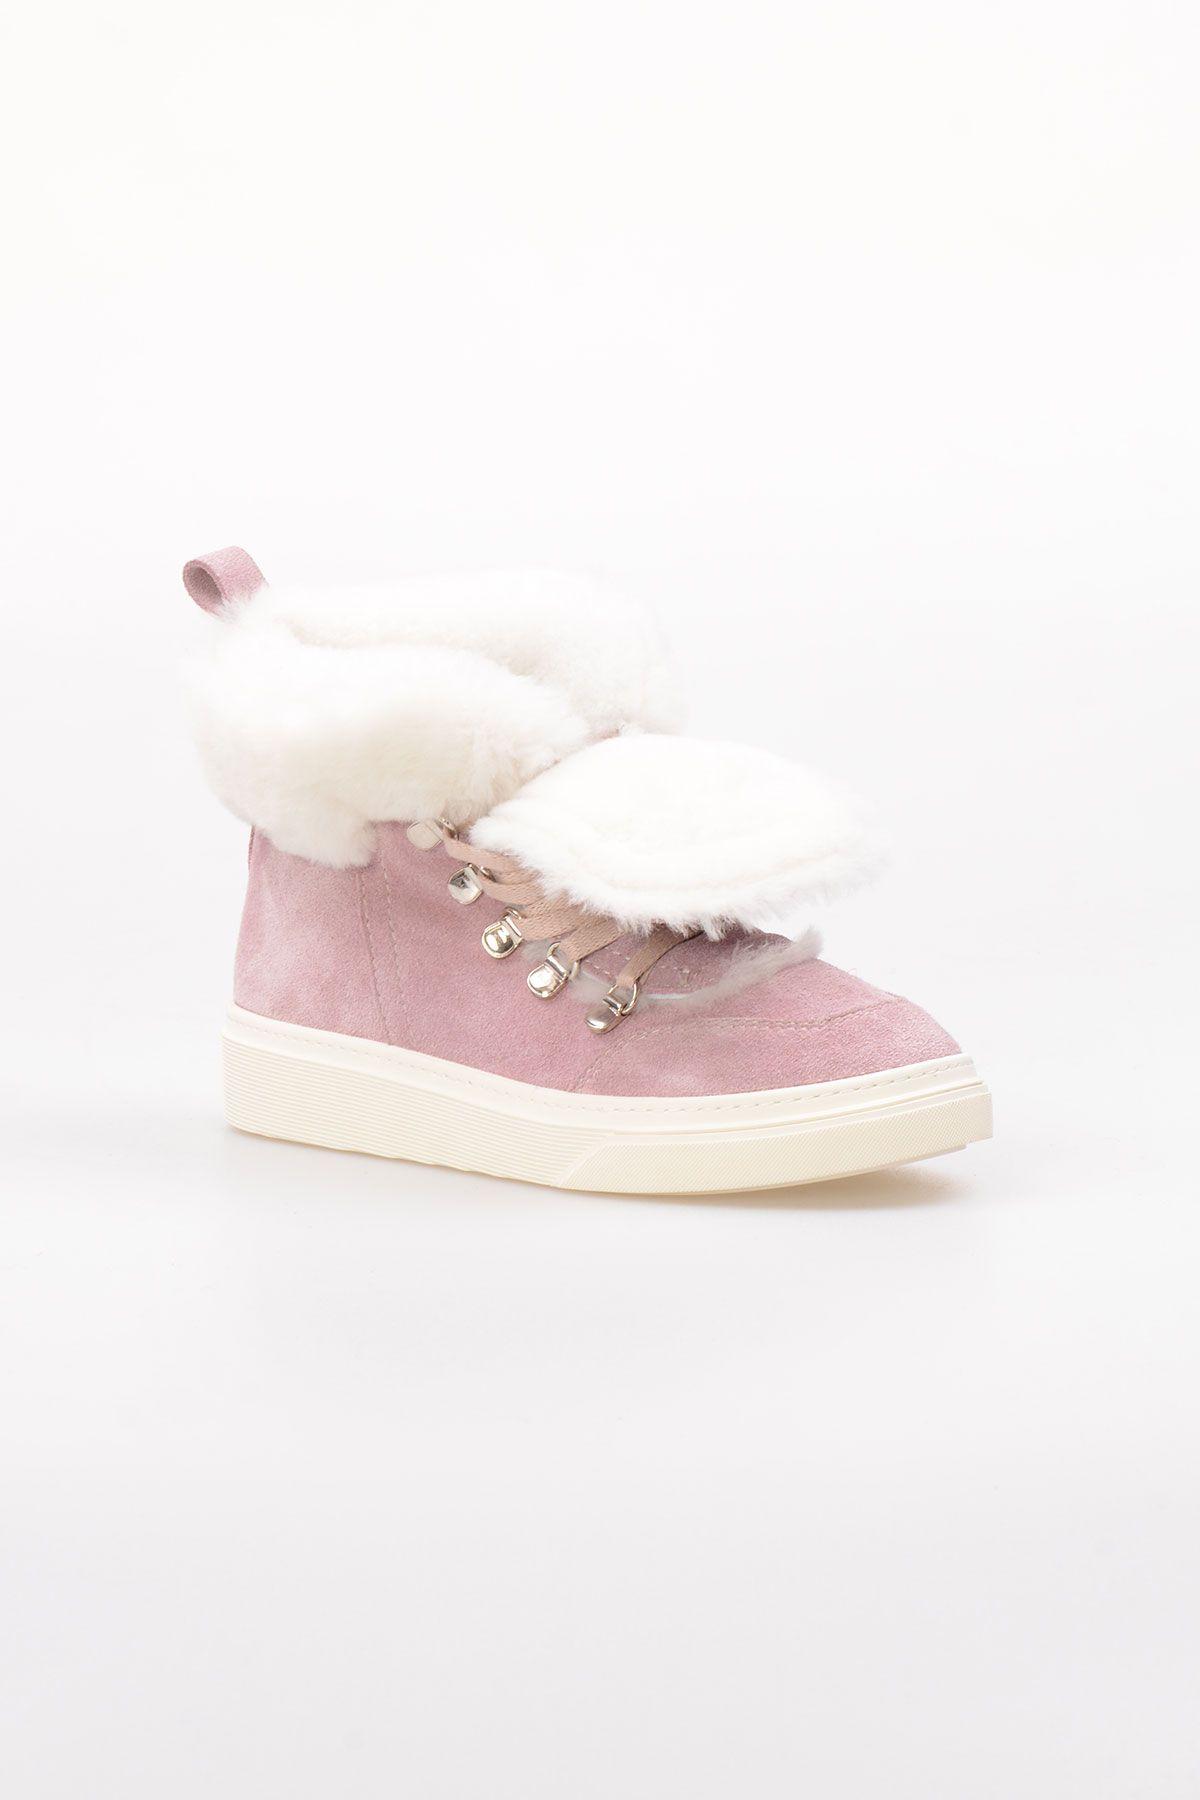 Pegia Hakiki Süet İçi Kürk Bayan Sneaker NY2039 Mor